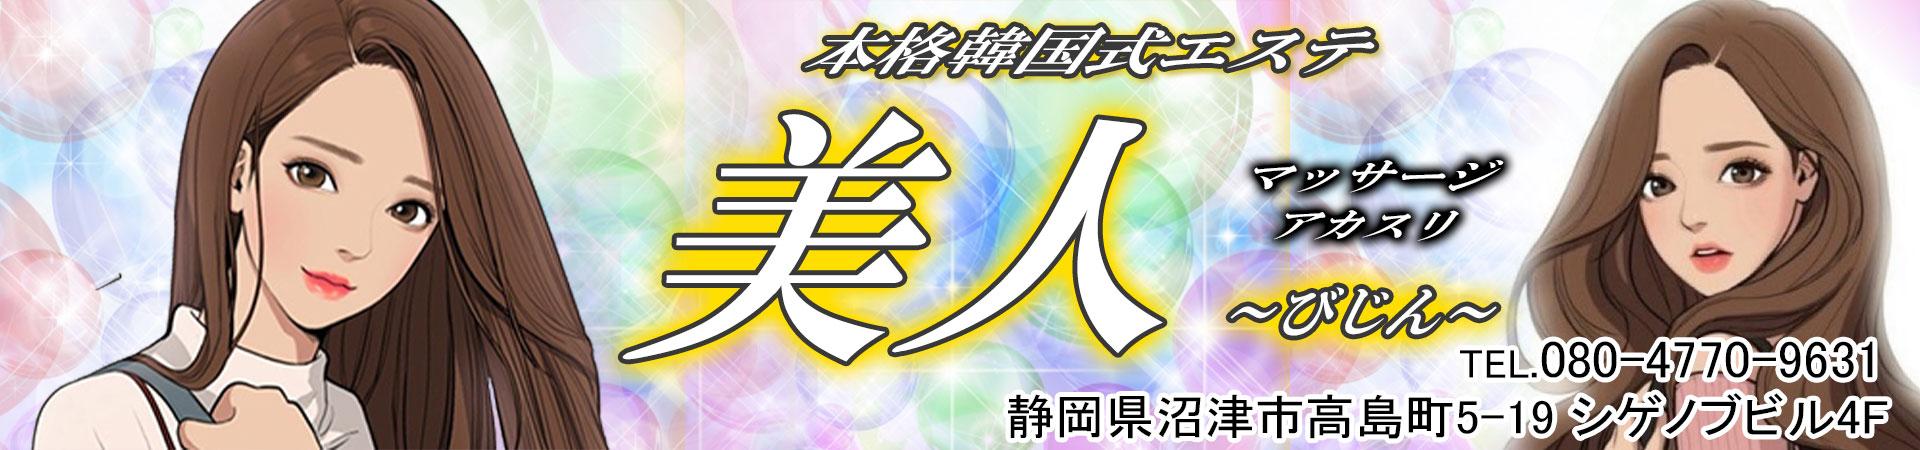 非公開: 【美人】沼津/静岡